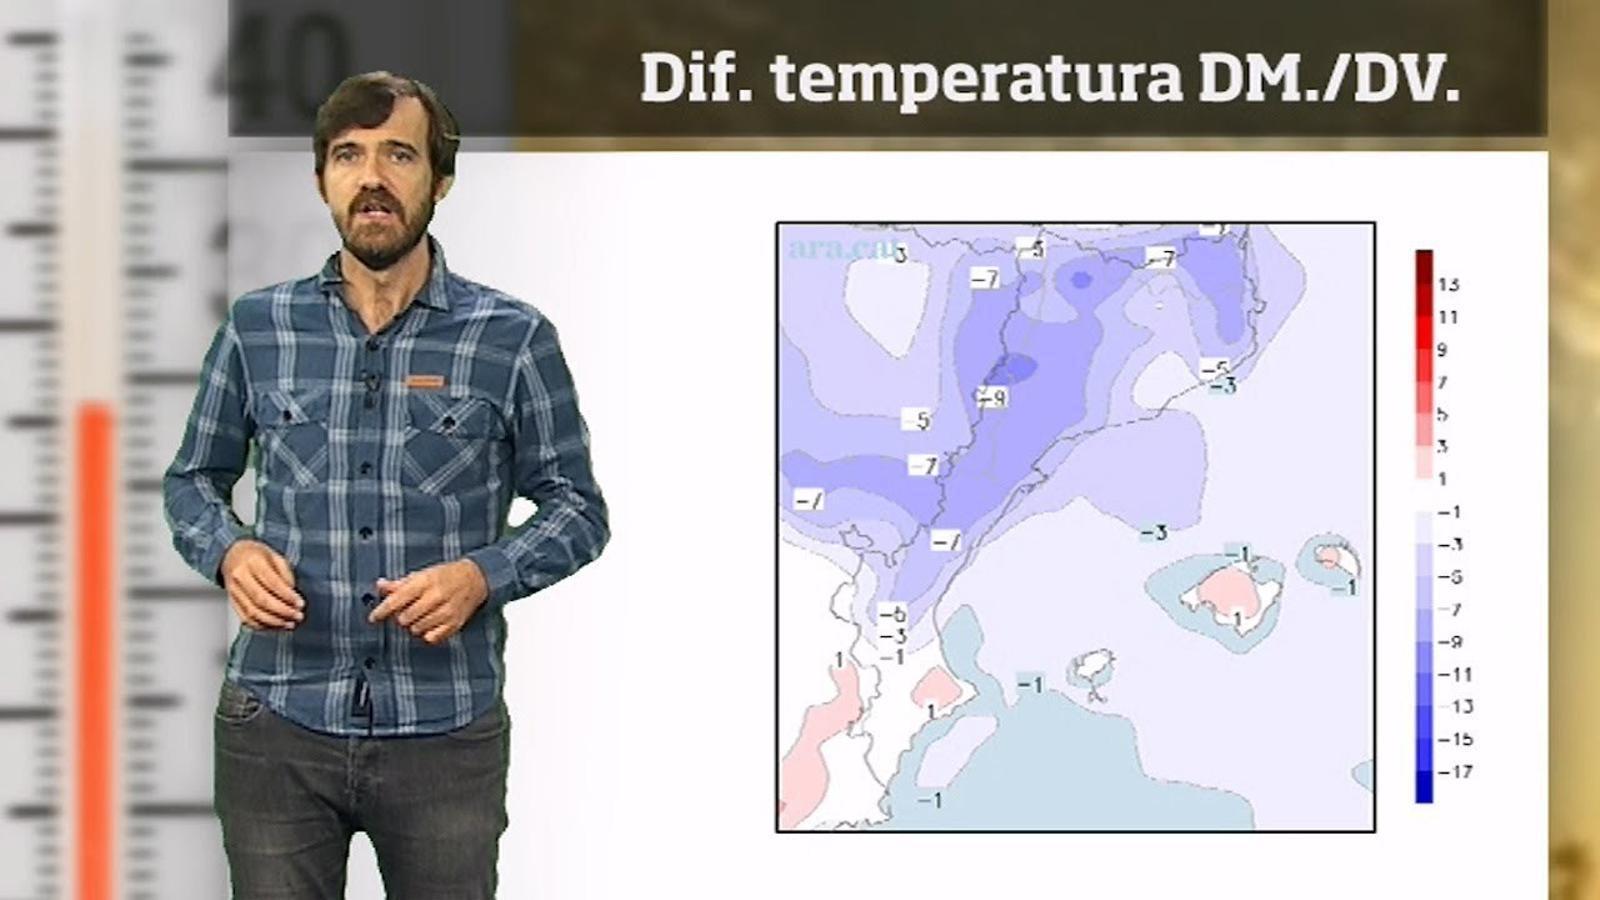 Méteo especial: Temperatures d'octubre o novembre al final de la setmana